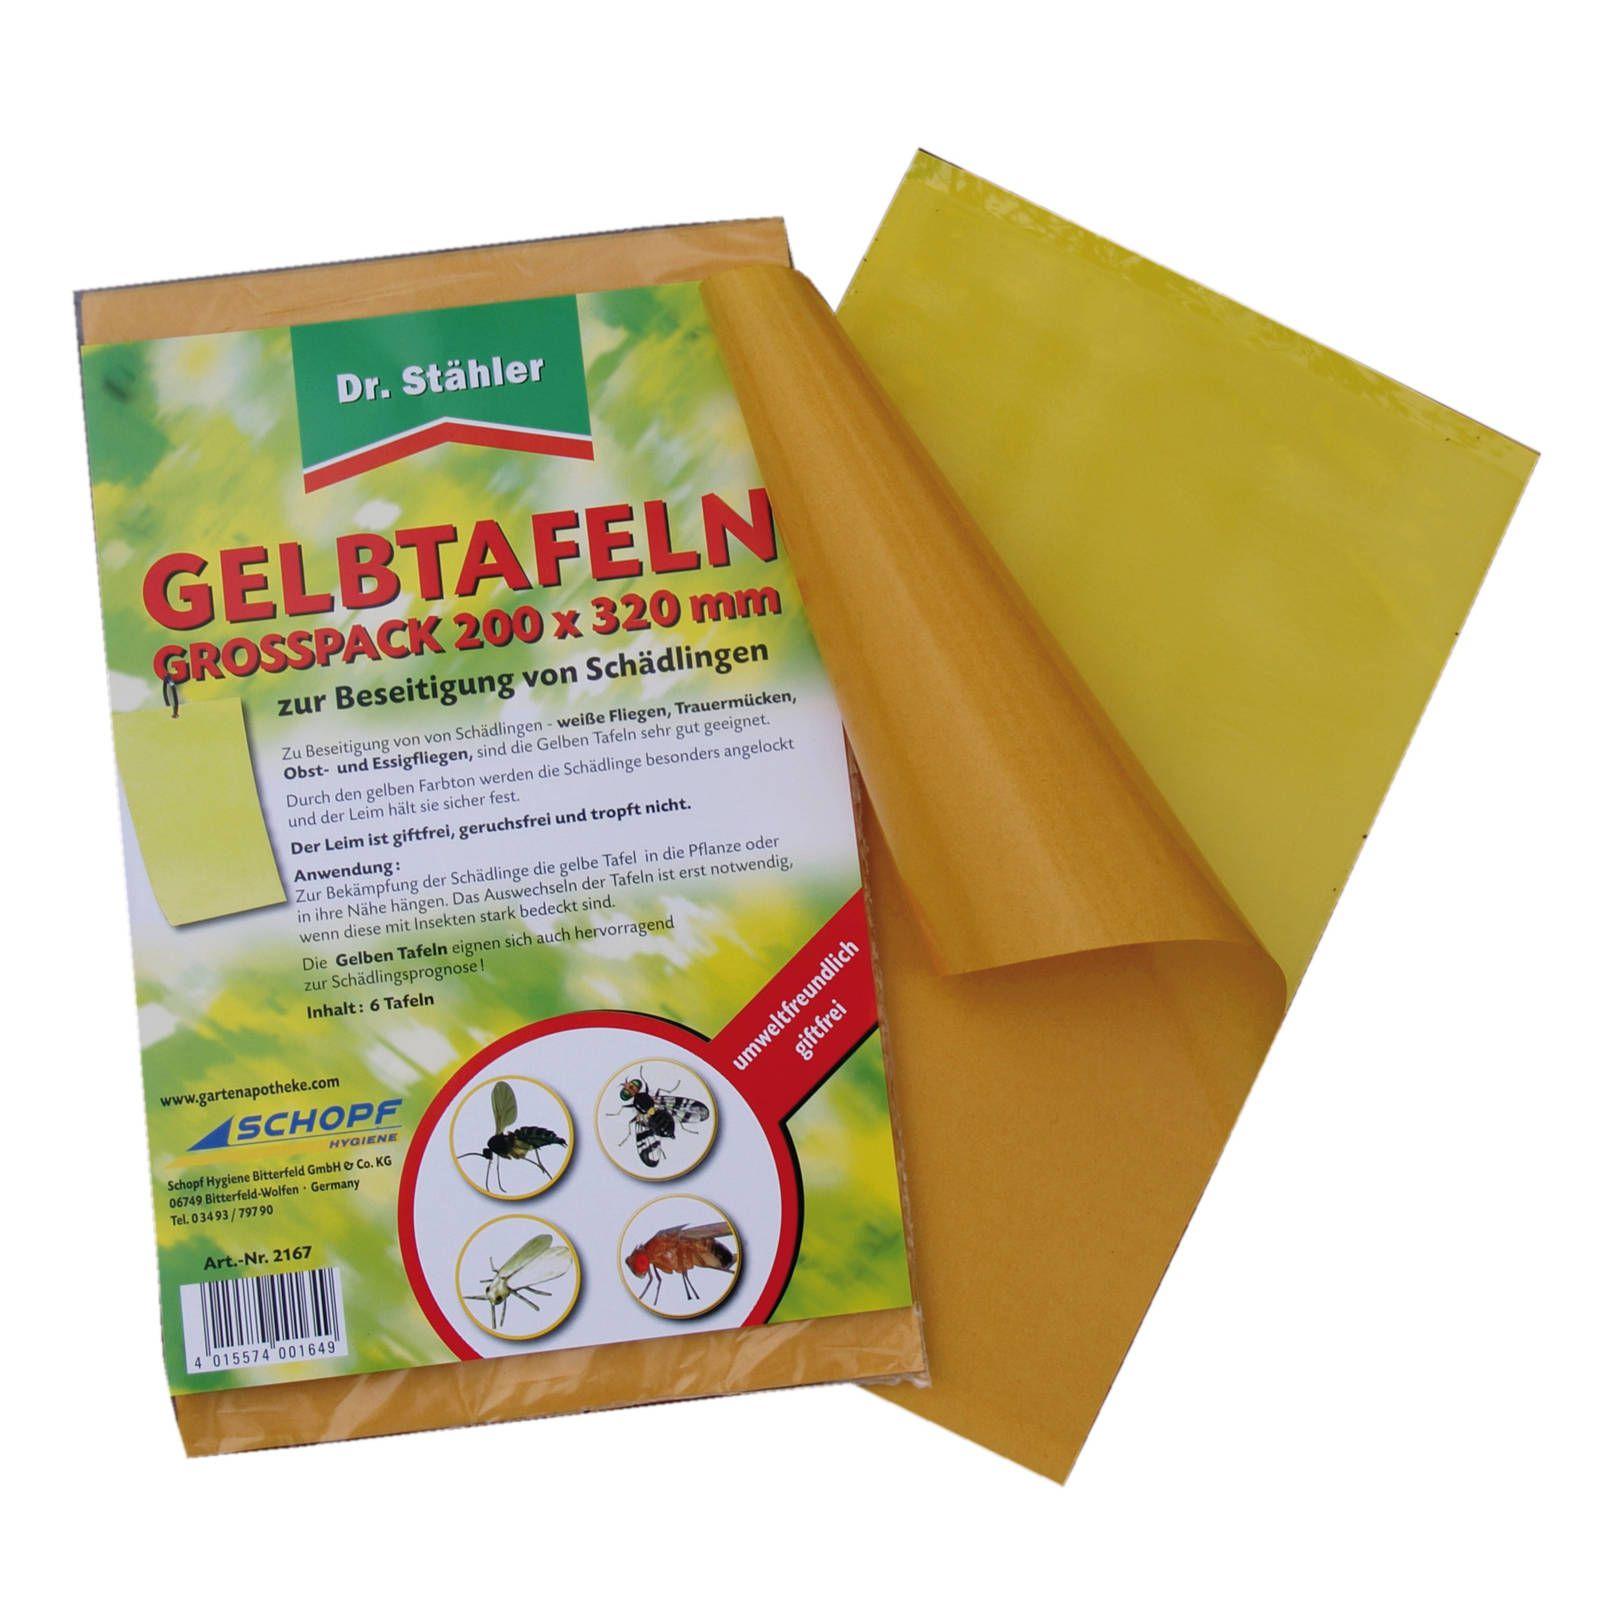 Dr. Stähler Gelbtafeln Groß 6 Stück 32 x 20 cm